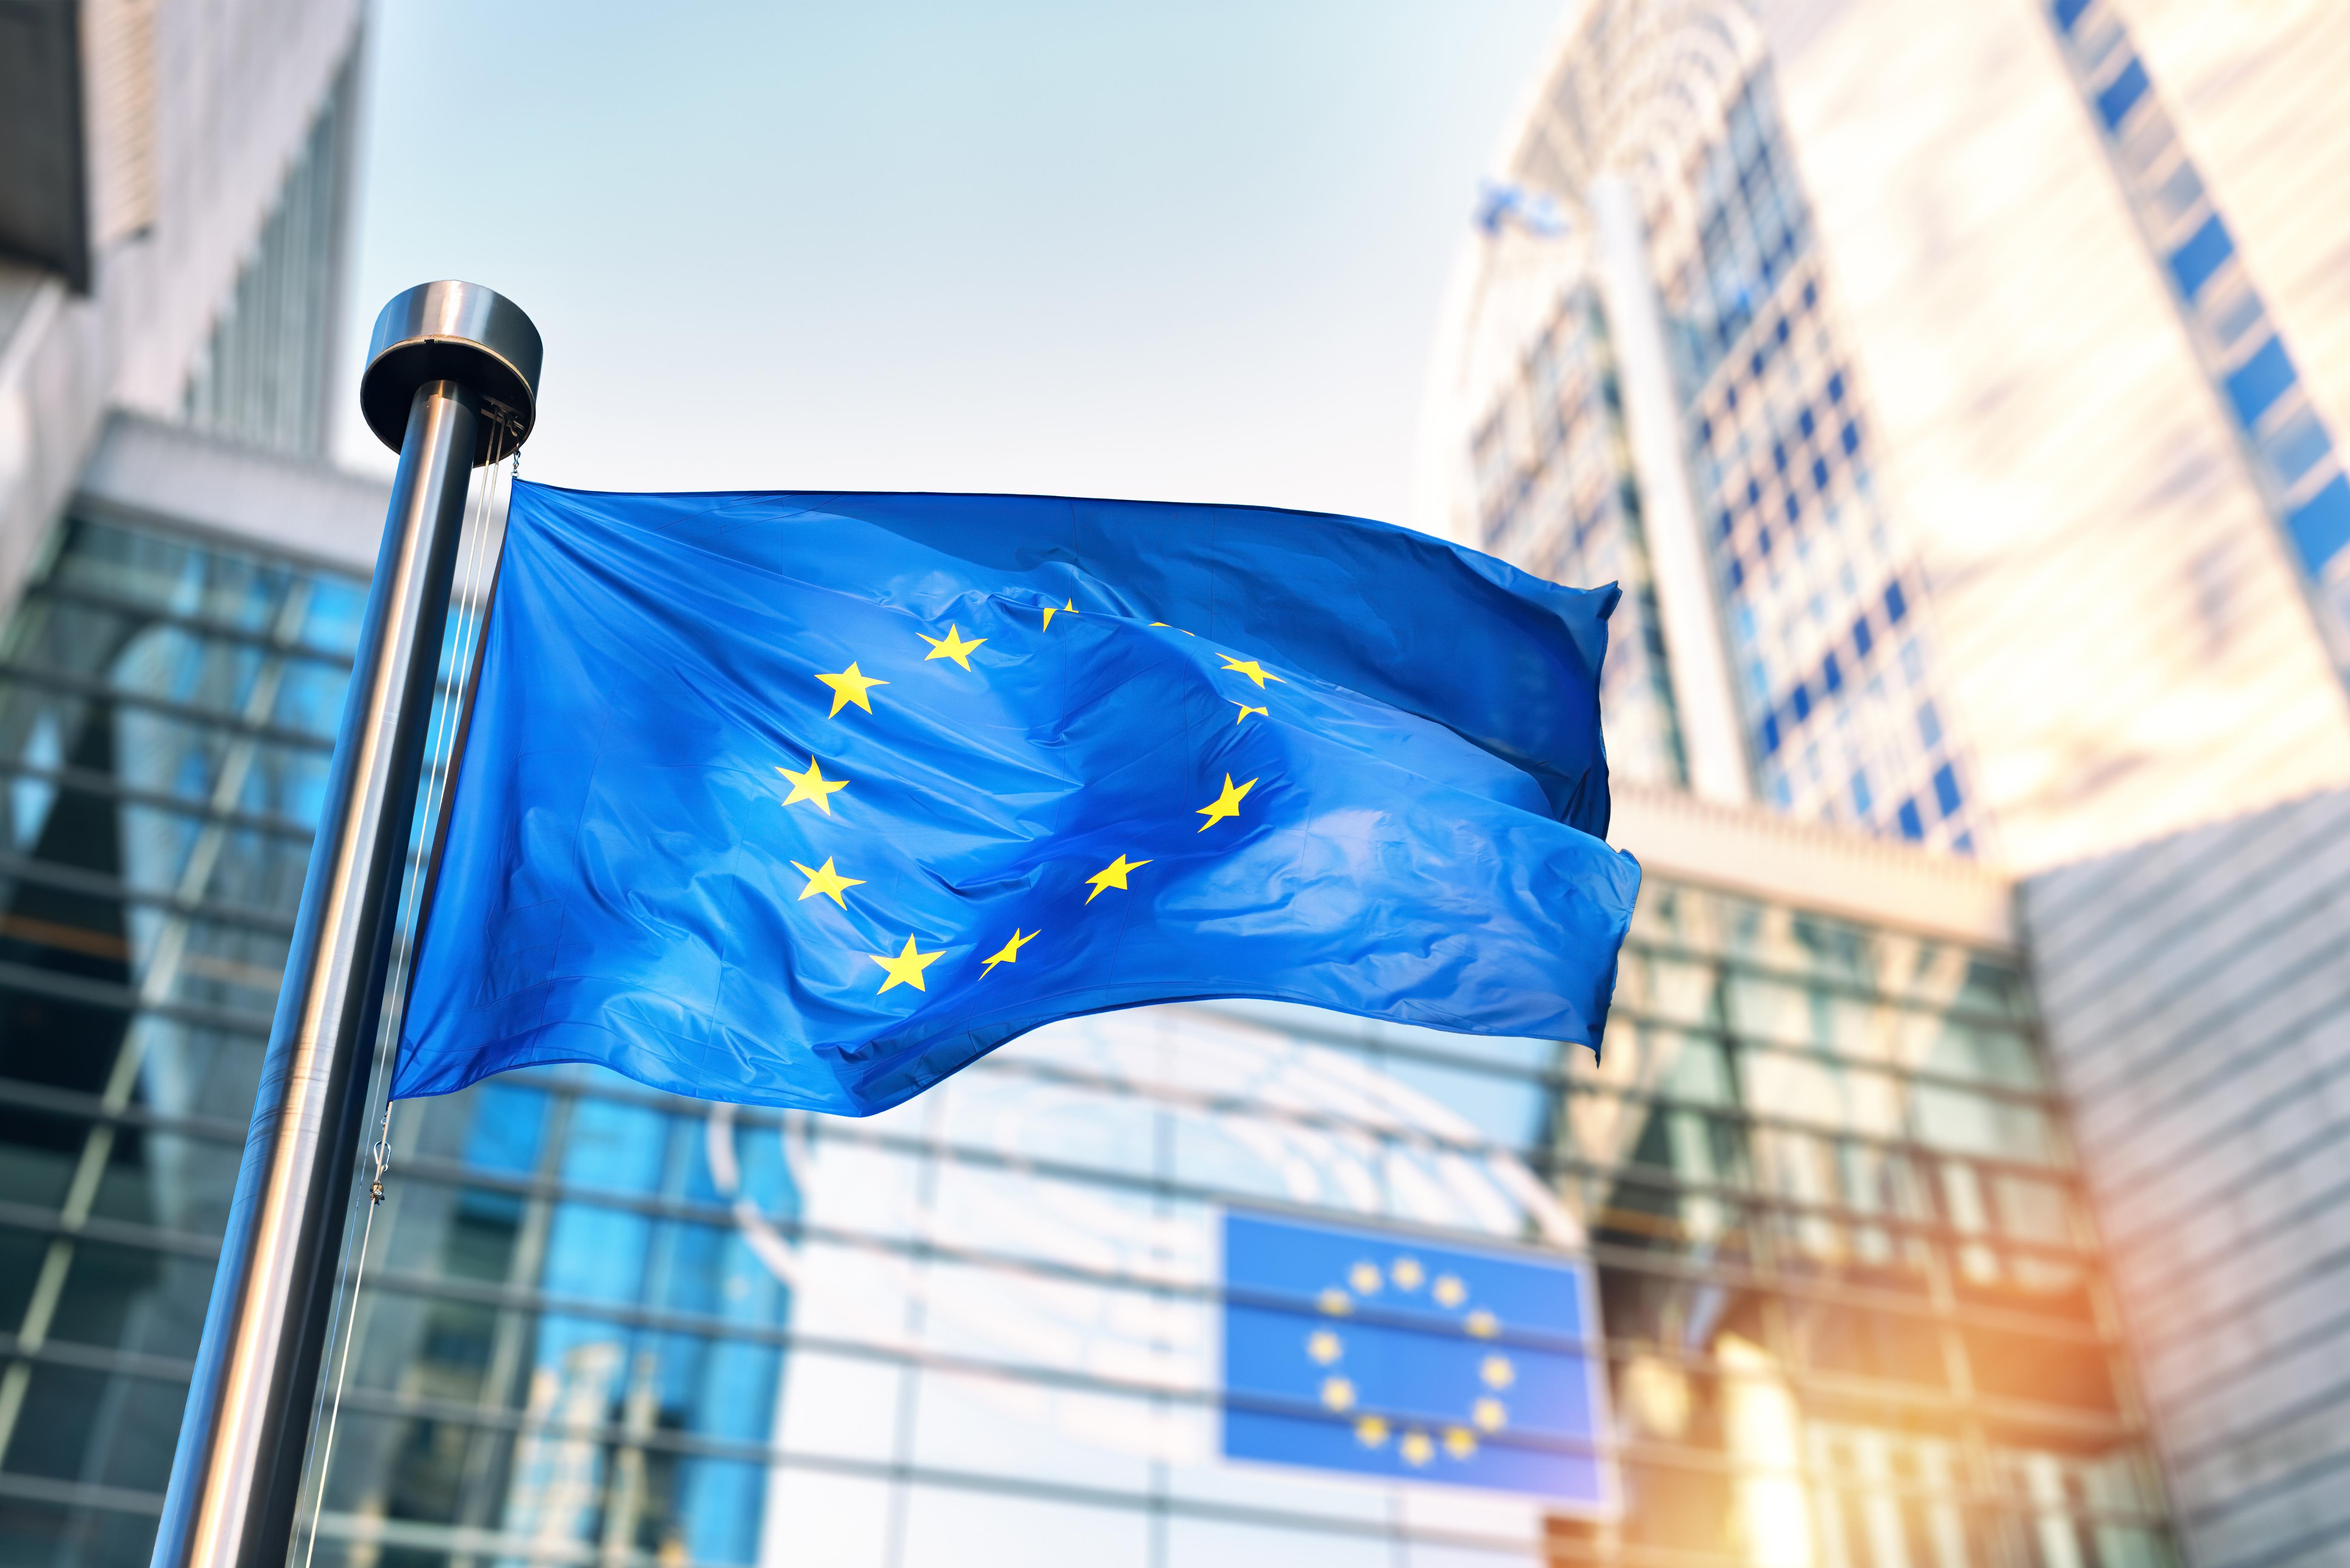 Флаг Евросоюза символизирующий гражданство ЕС по репатриации